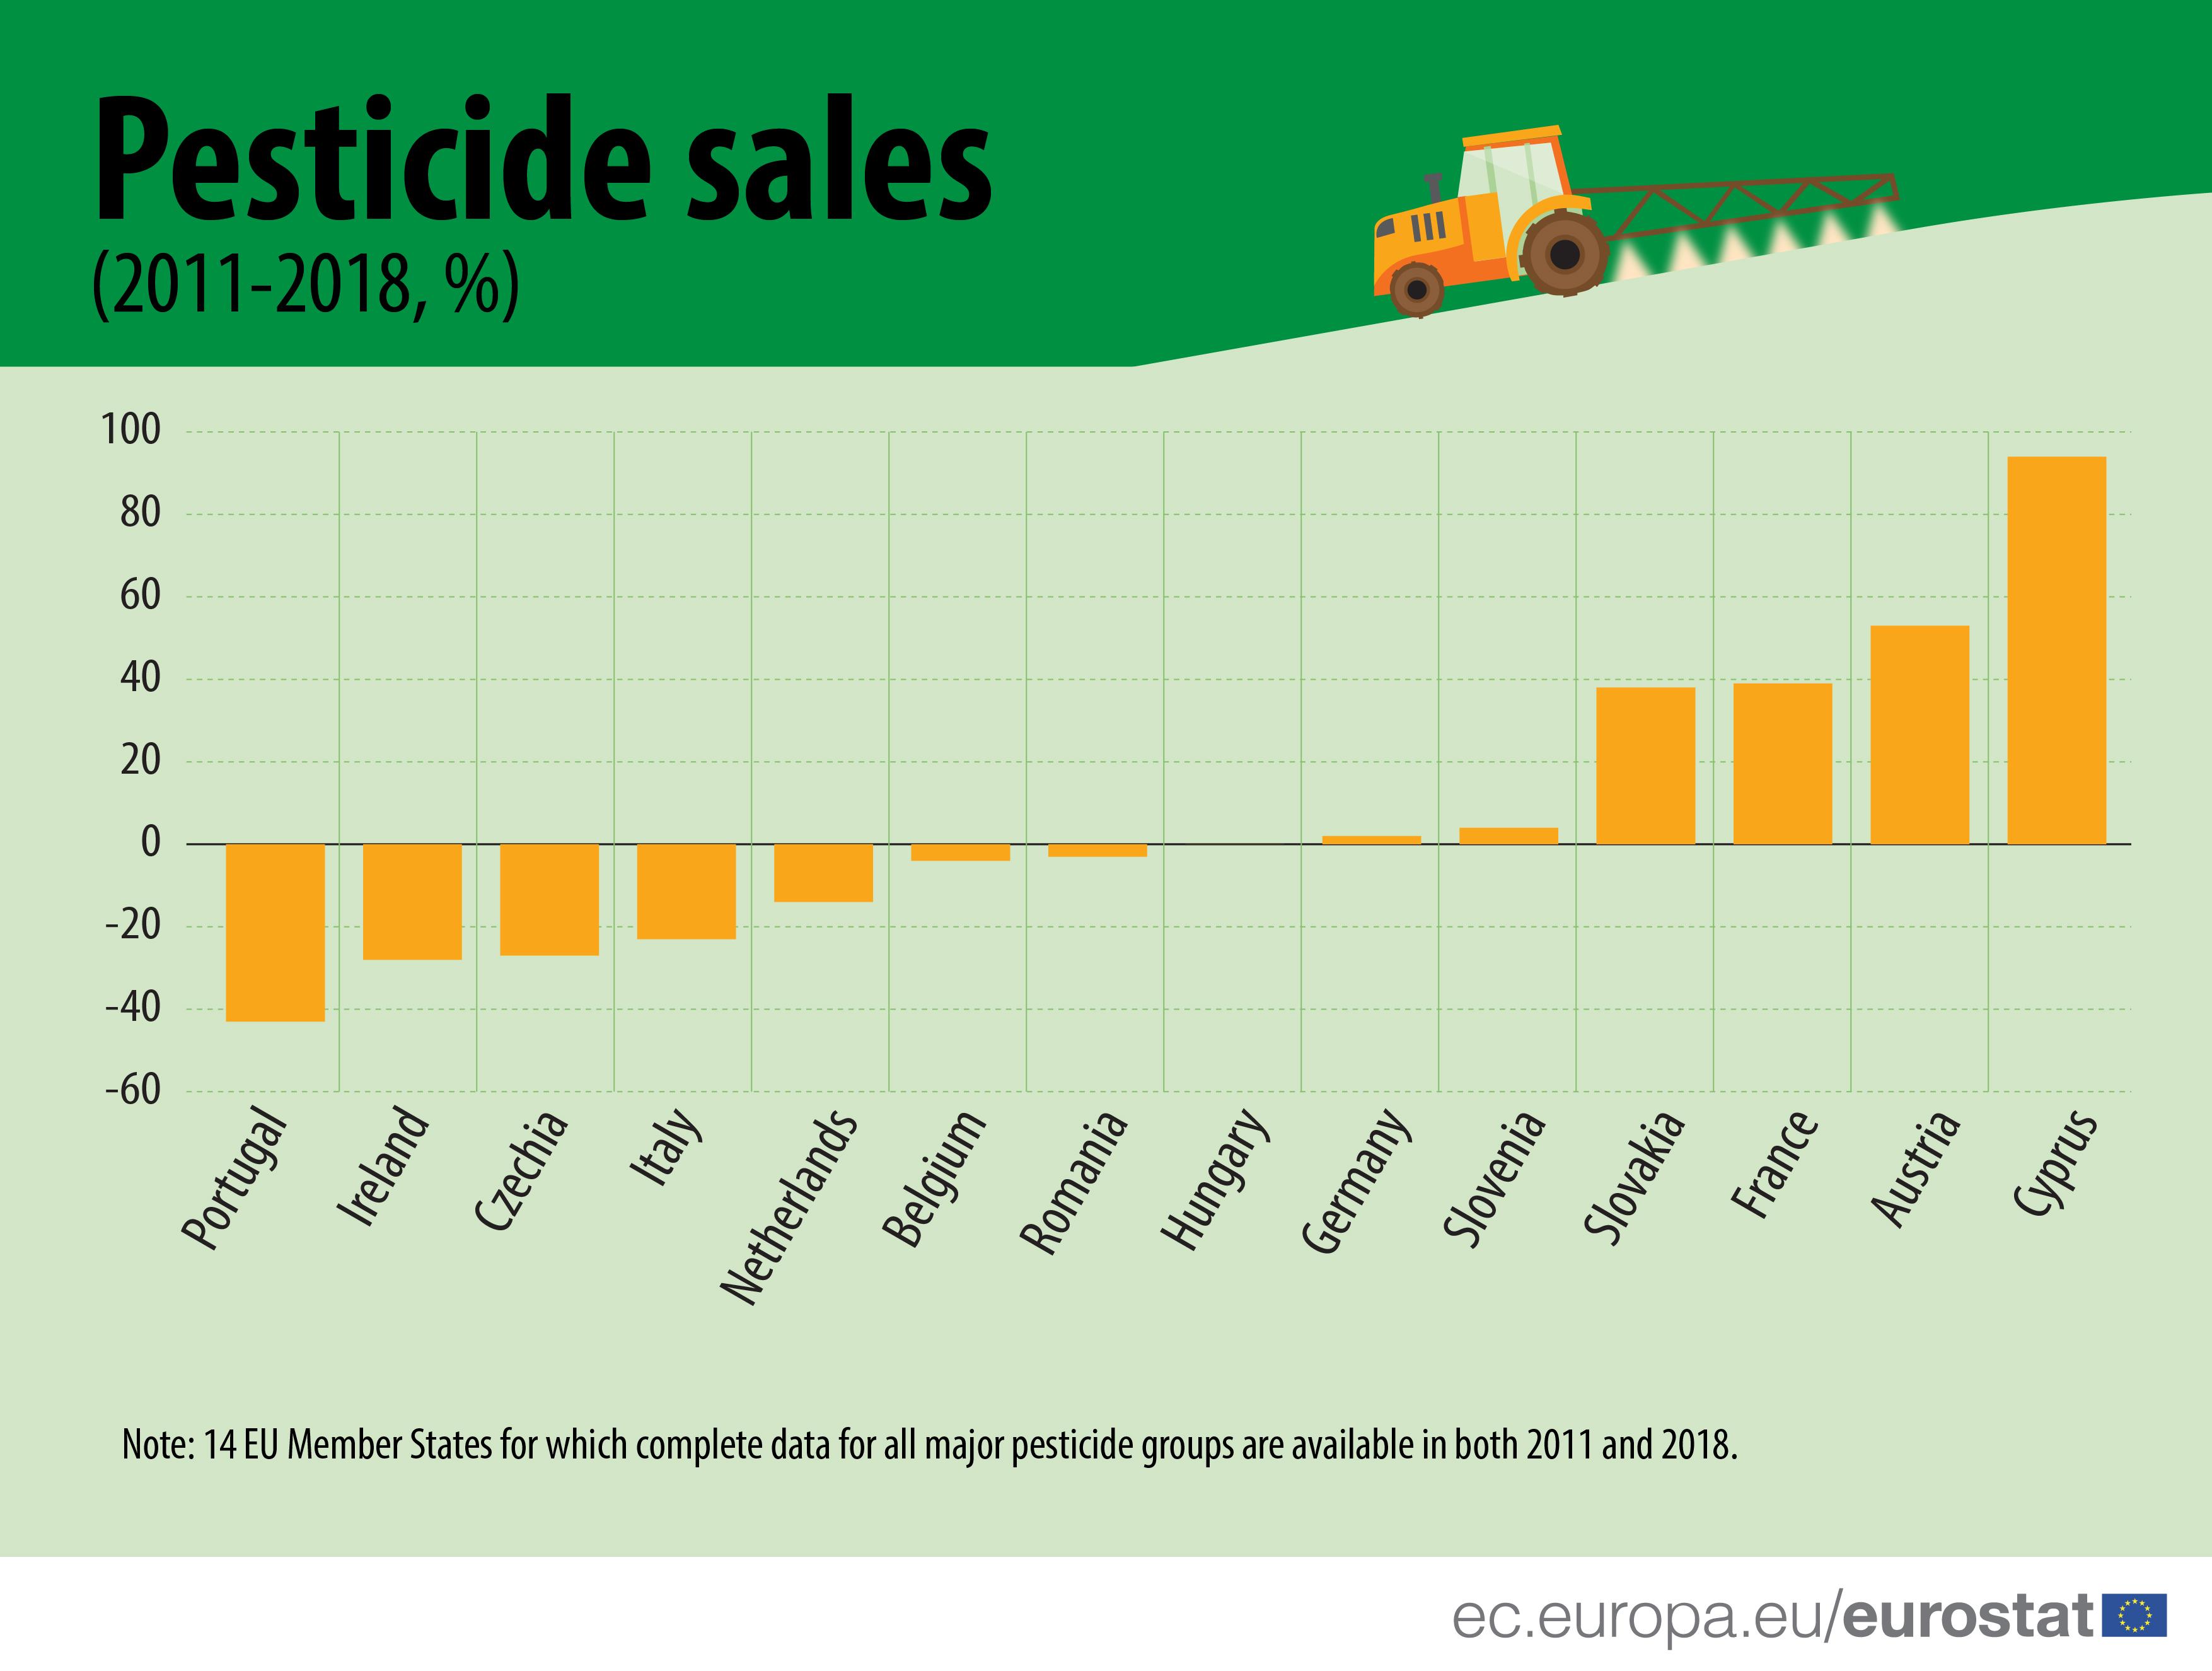 Pesticide sales (2011-2018, %)